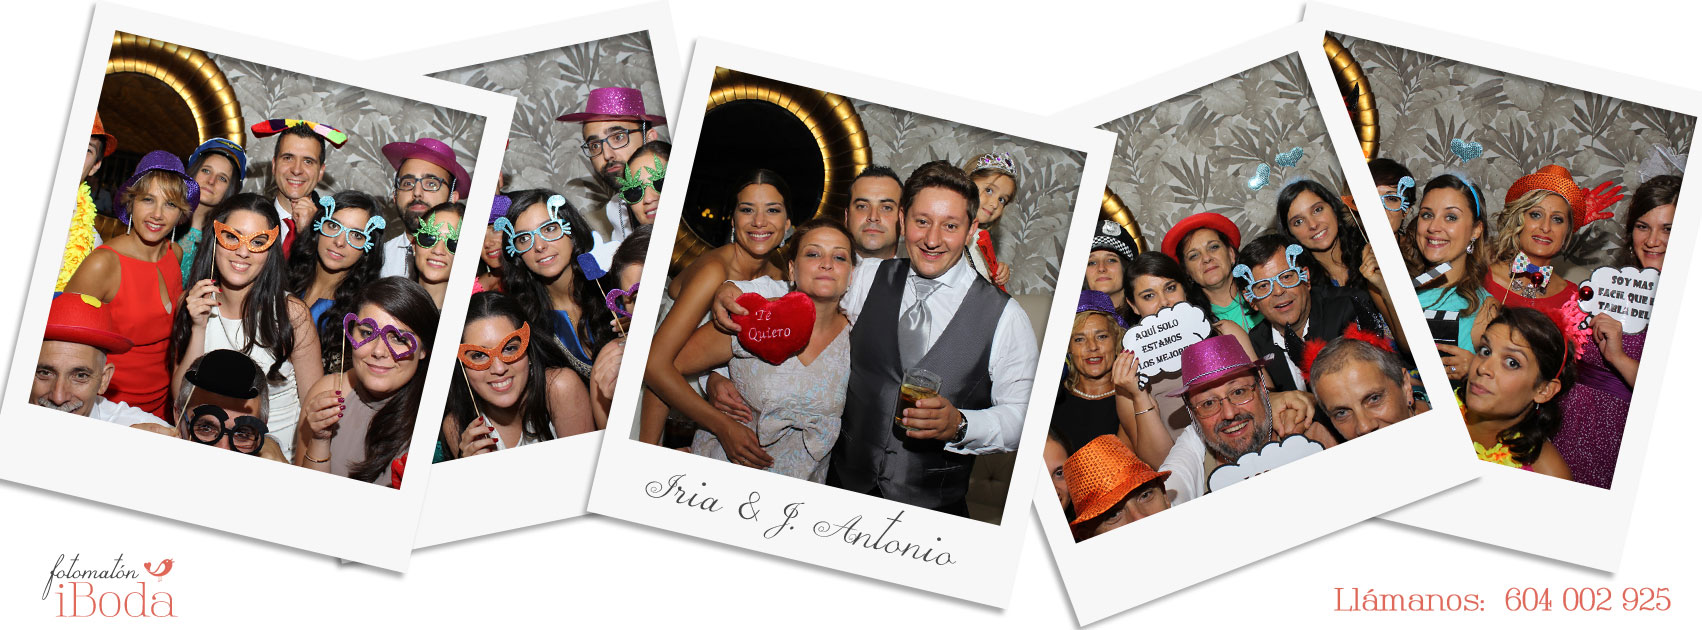 Iria & J. Antonio